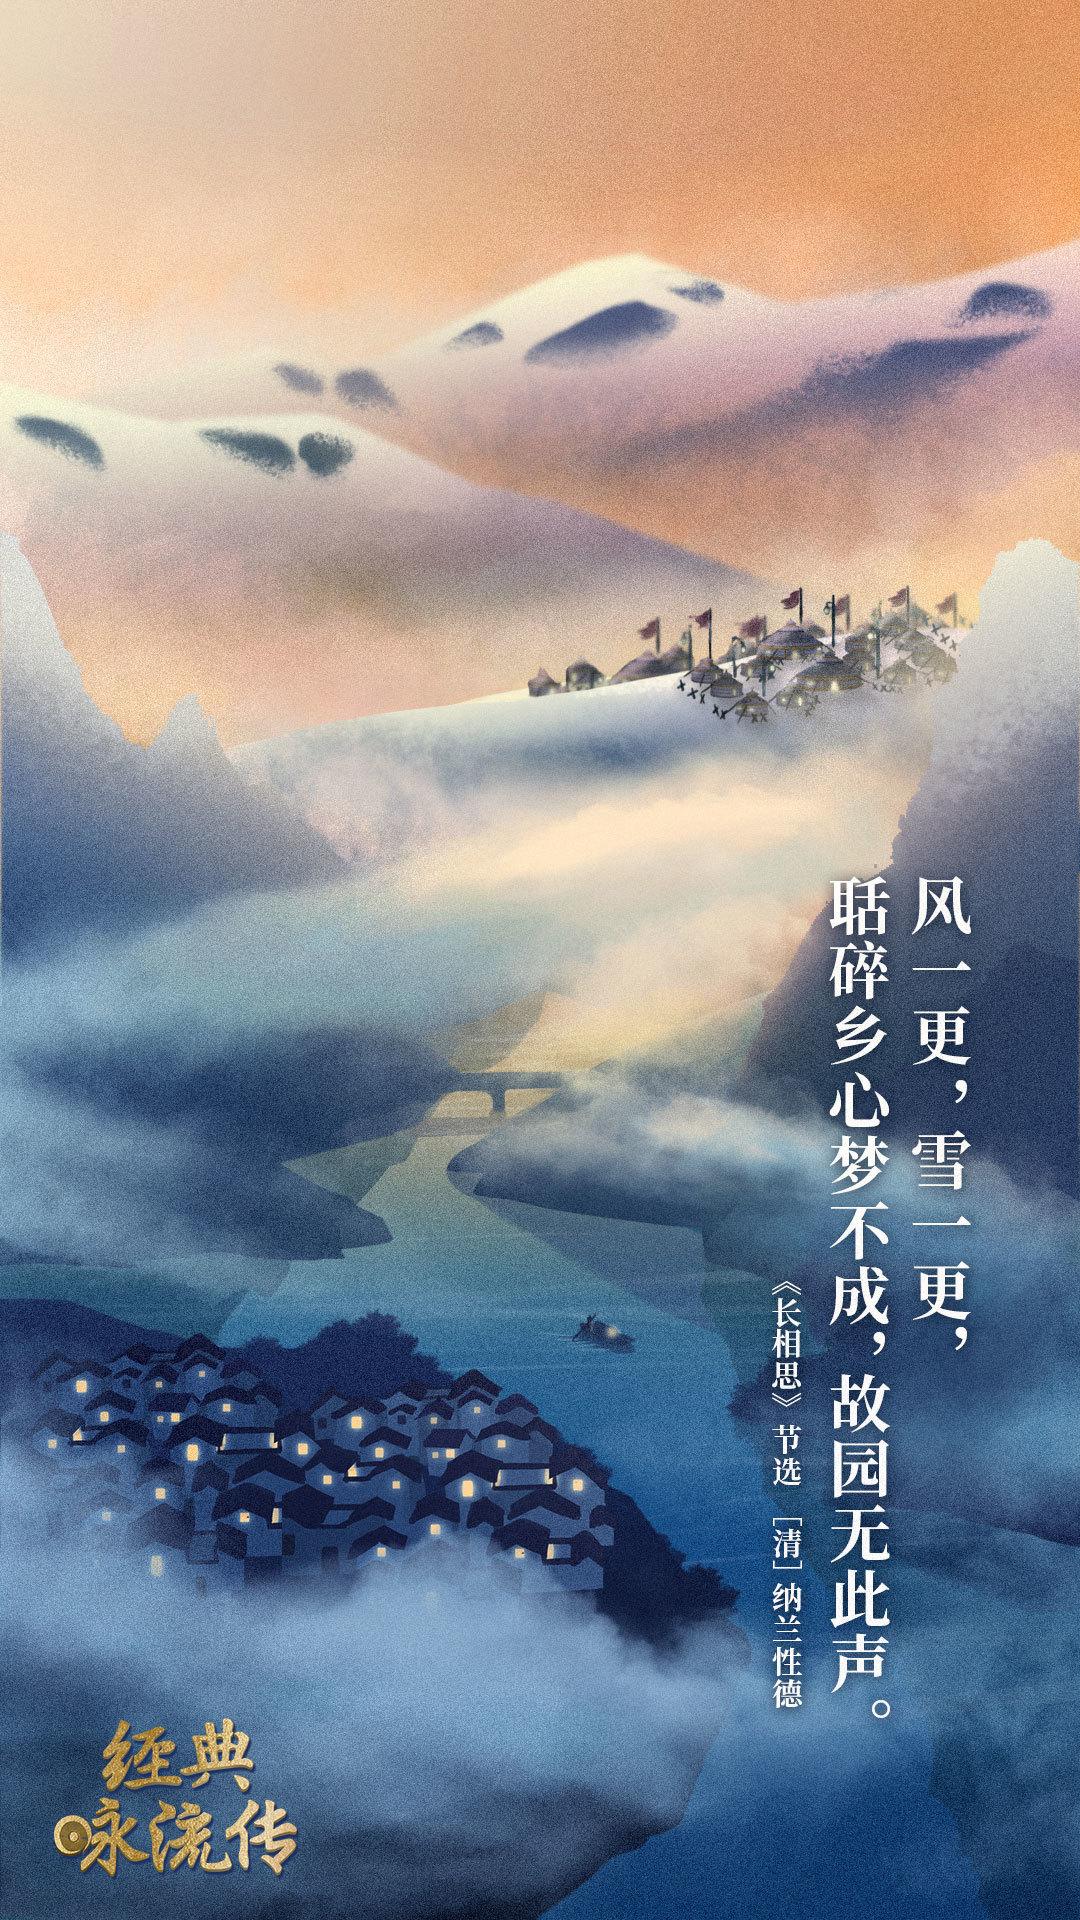 《经典咏流传》诗词意境海报合集 欣赏-第1张